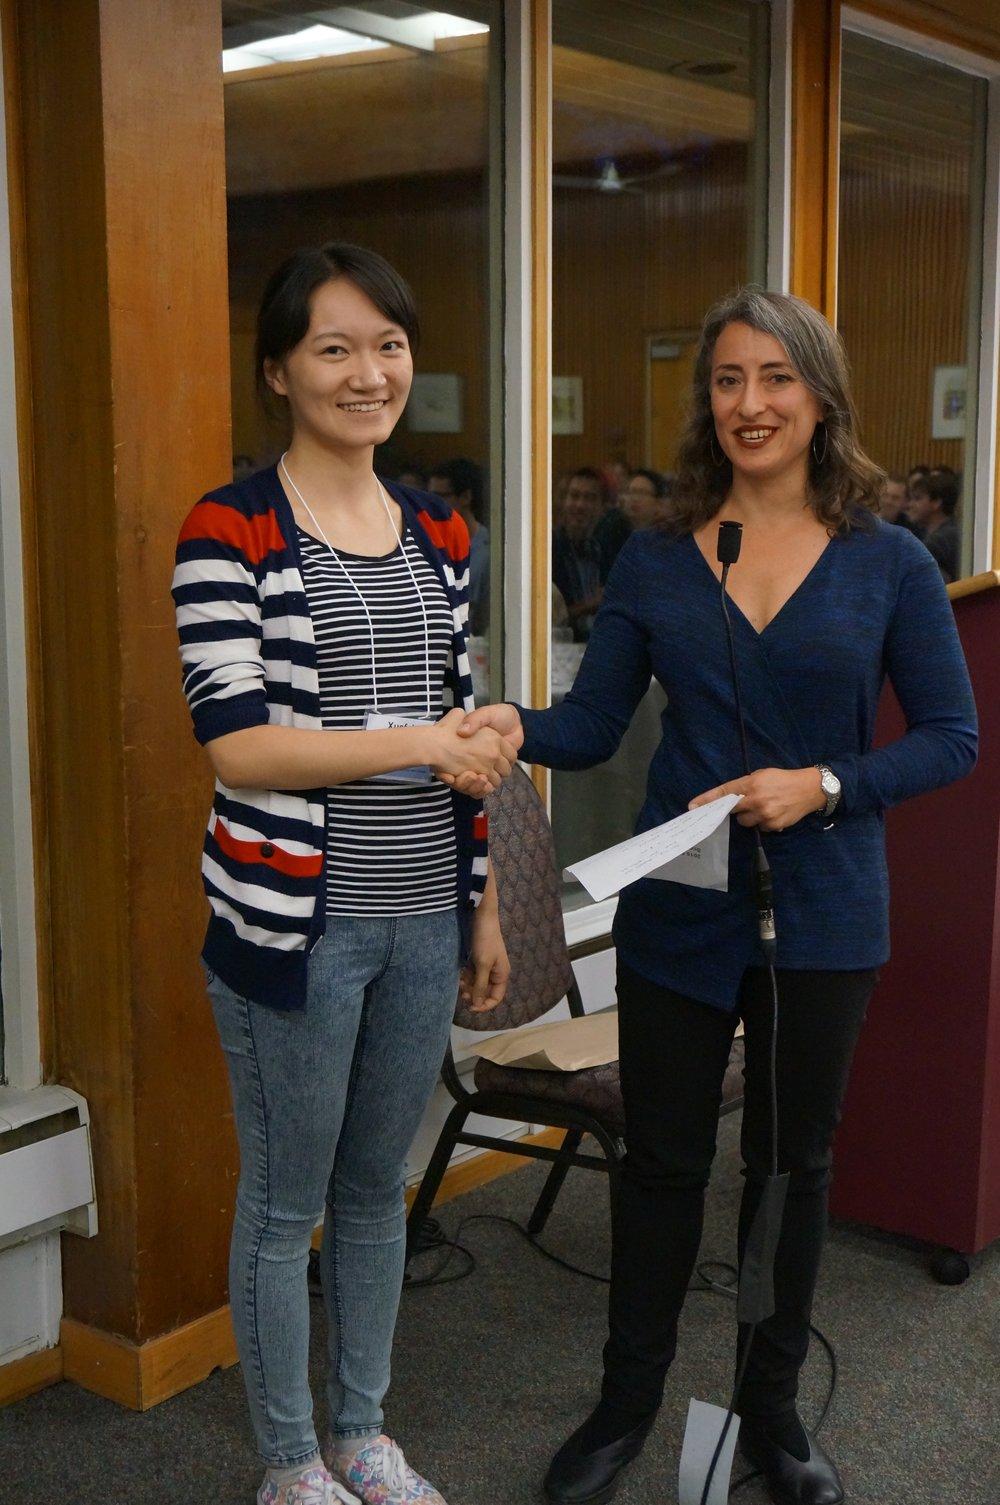 Xuefei Yuan and Dr. Leah Cowen